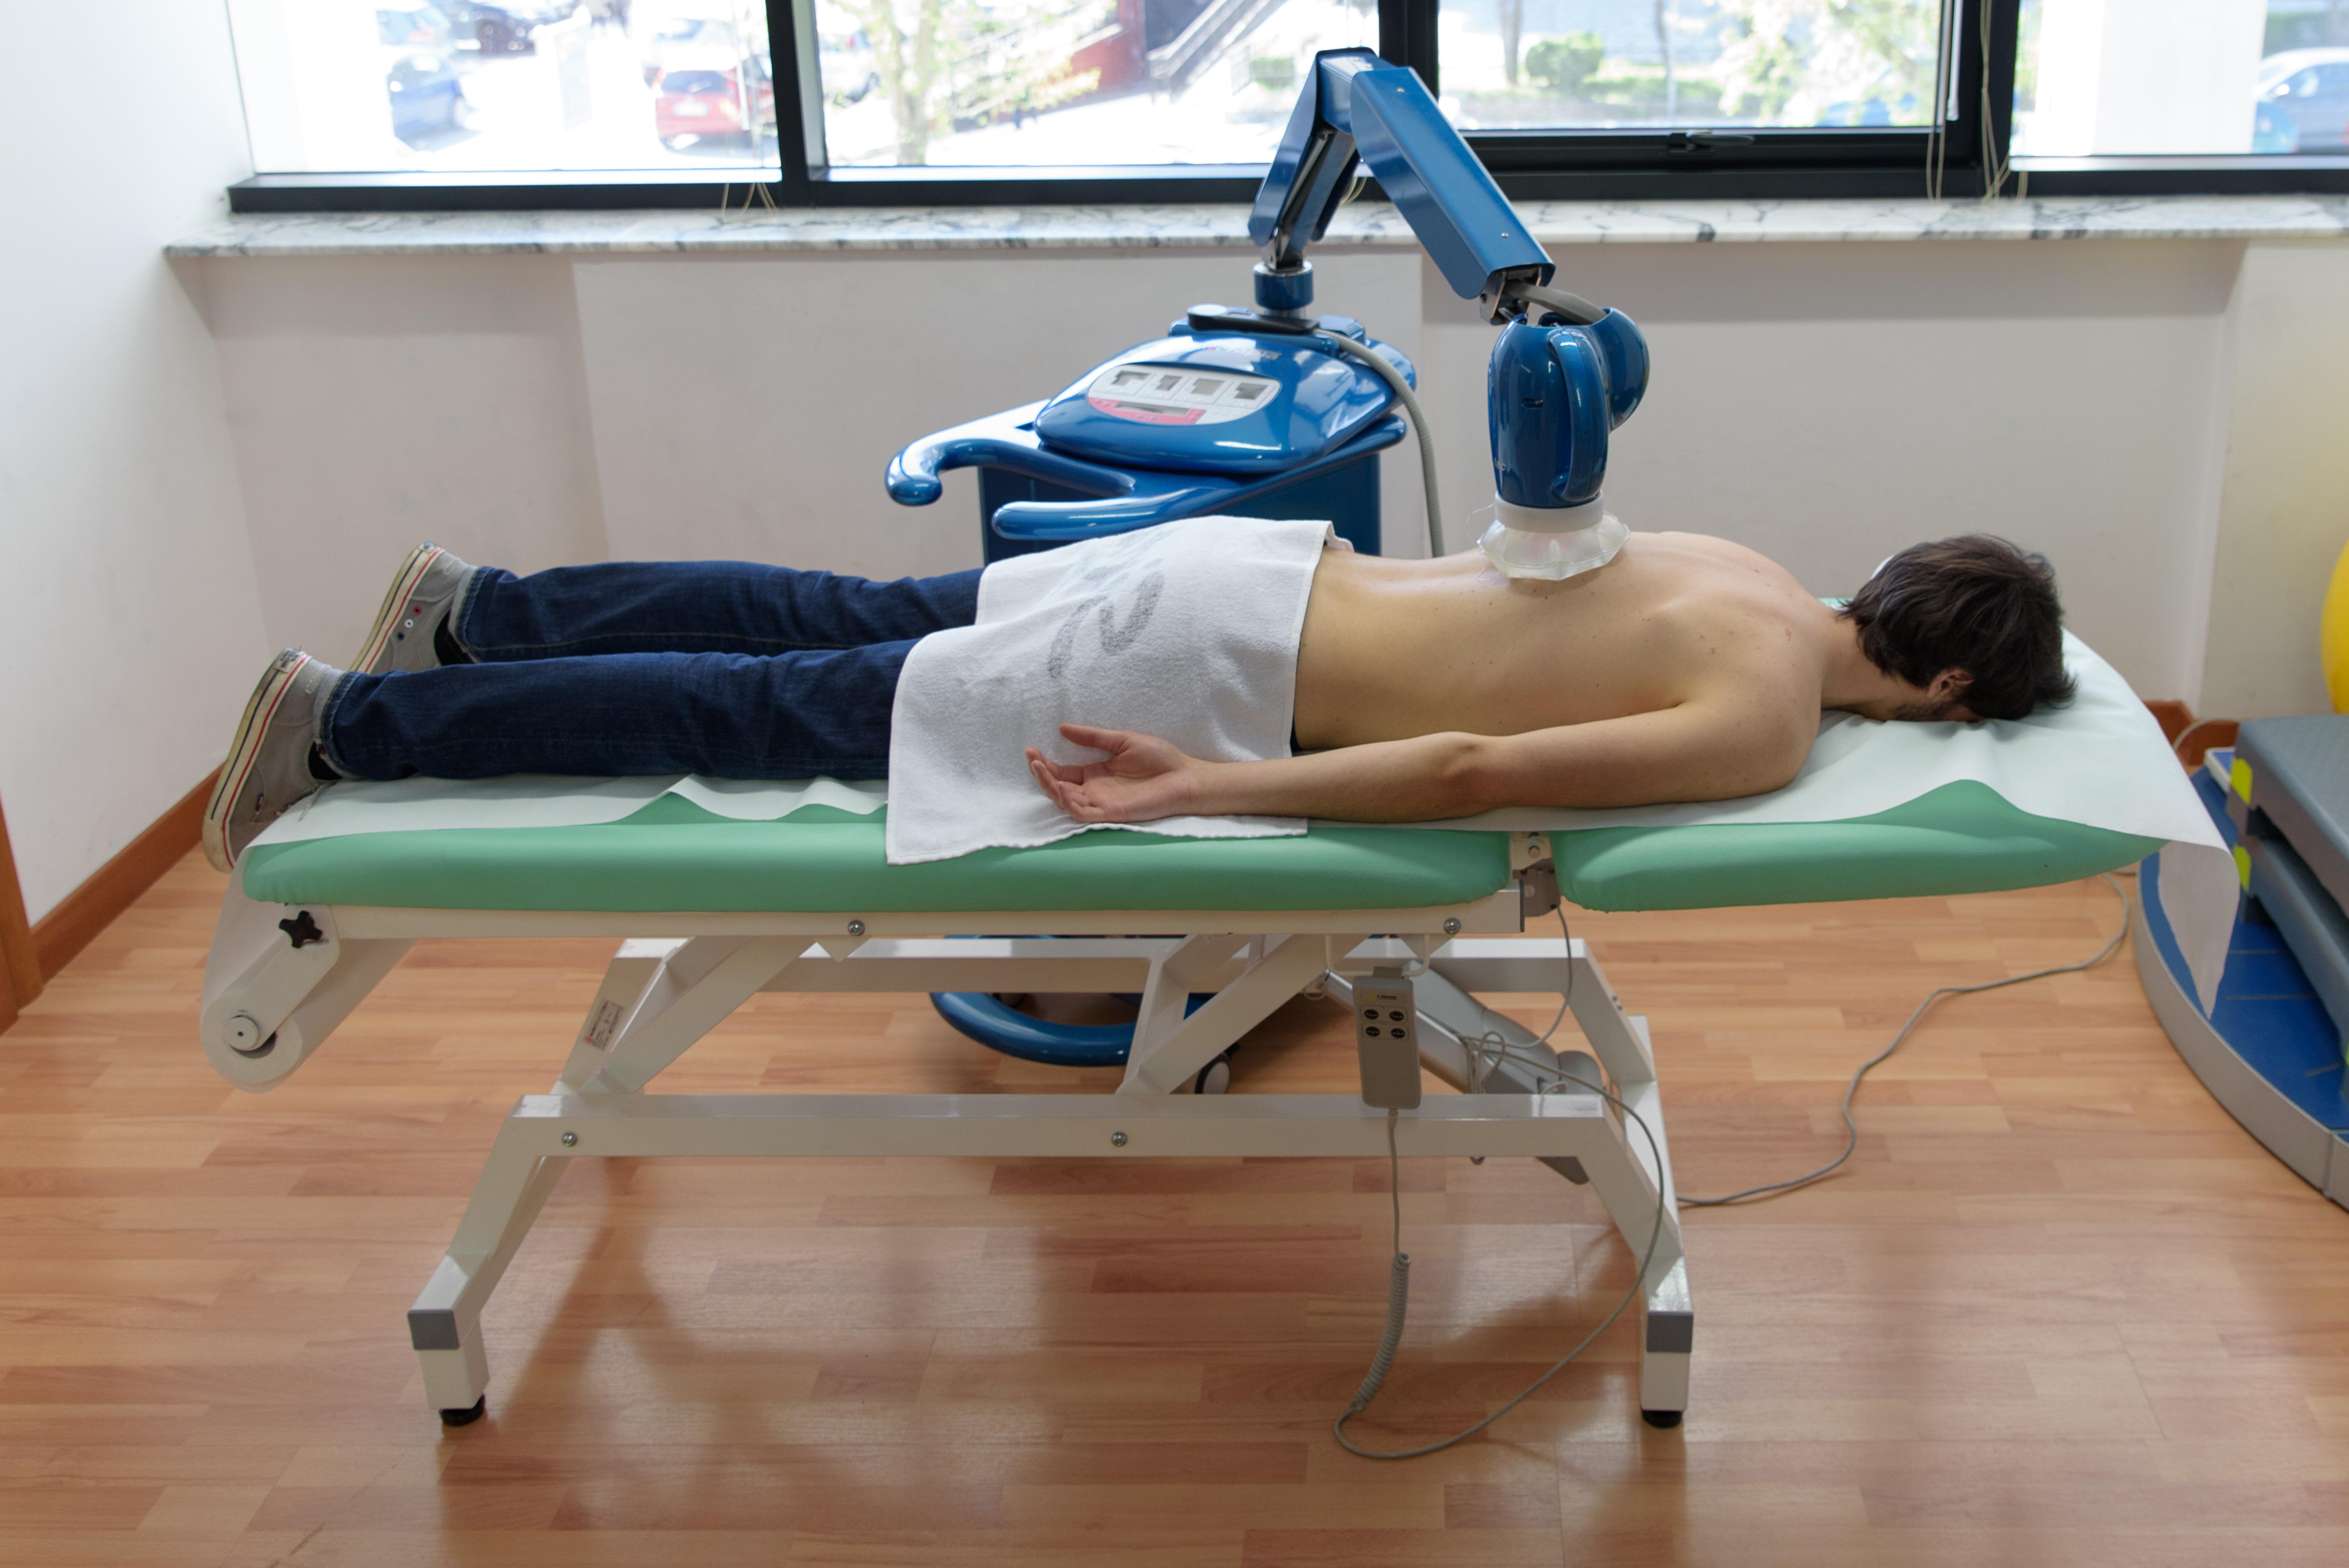 Macchinario per la cura del mal di schiena